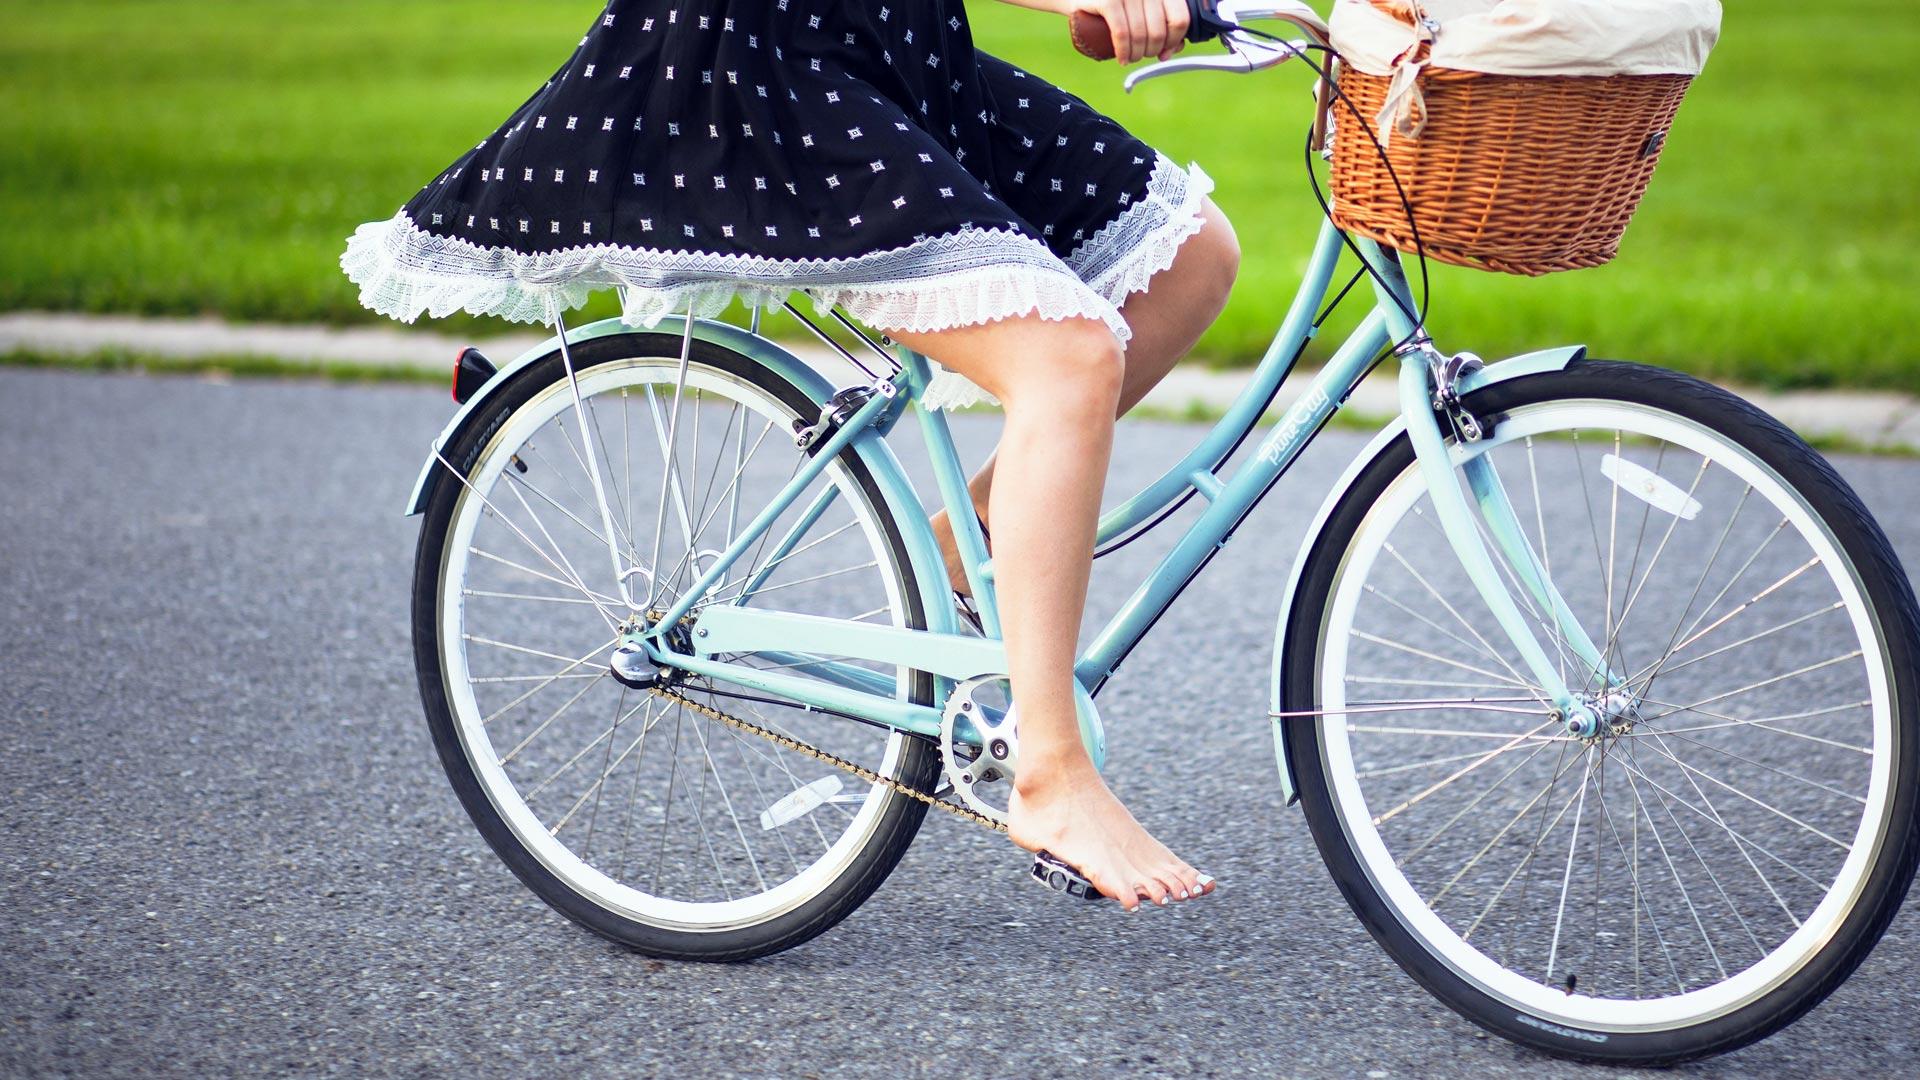 Gdzie napompować rower w Krakowie? Stacje naprawy rowerów i kompresory